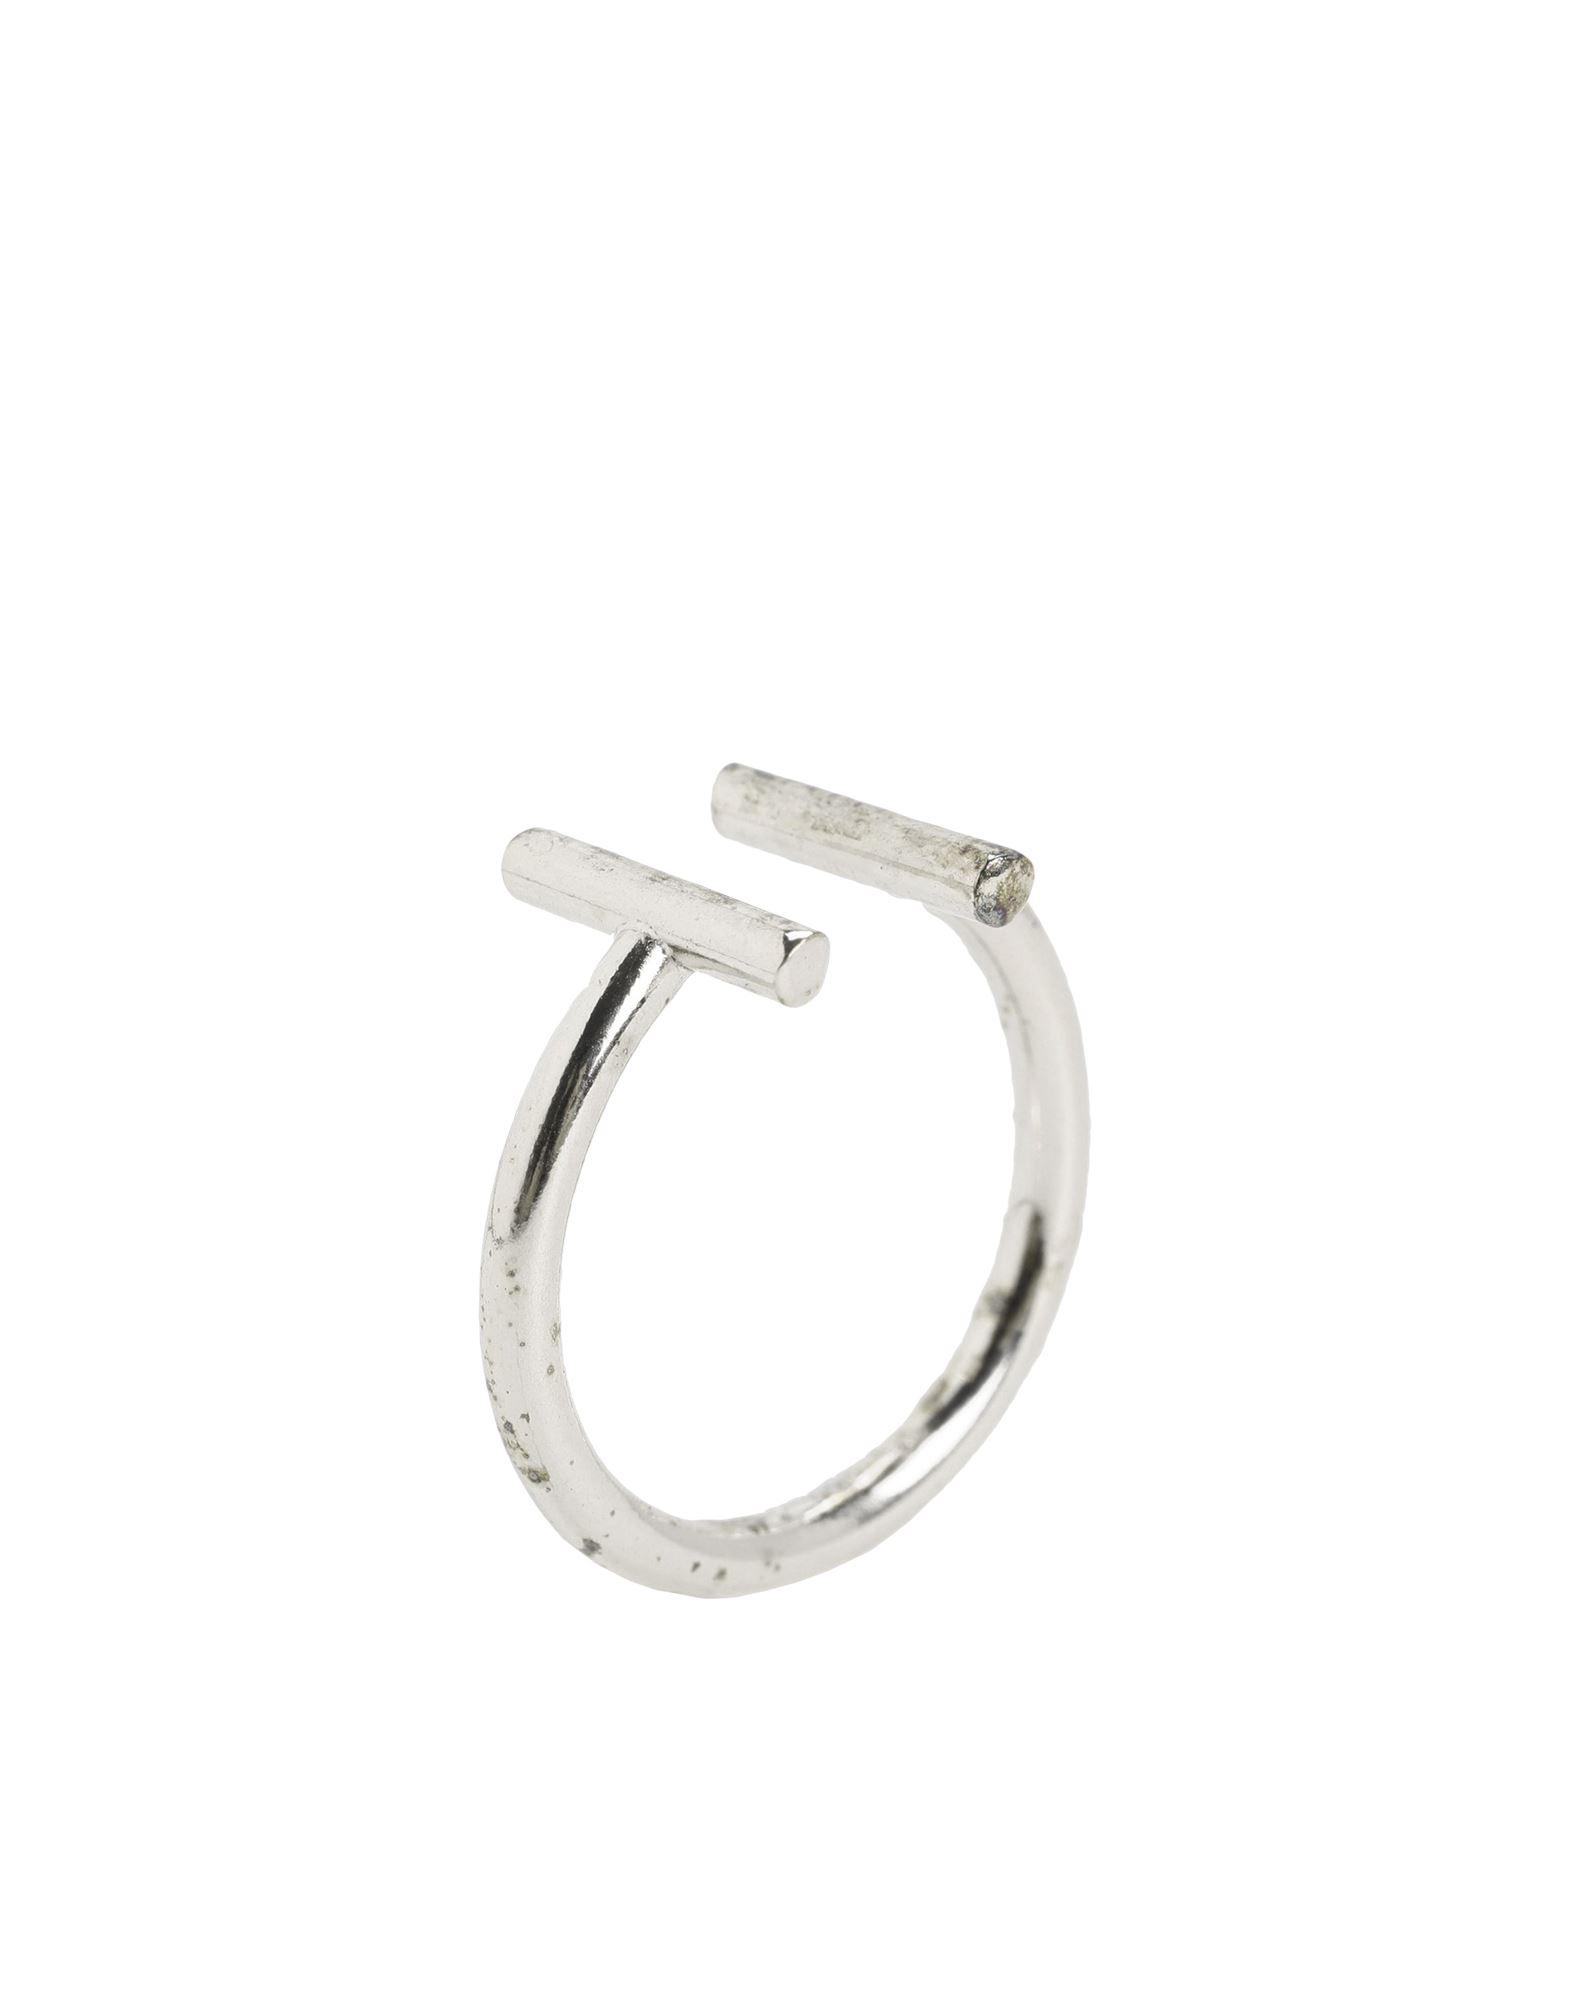 《セール開催中》NOVE25 レディース 指輪 シルバー 10 シルバー925/1000 DOUBLE BAR OPEN FINE RING